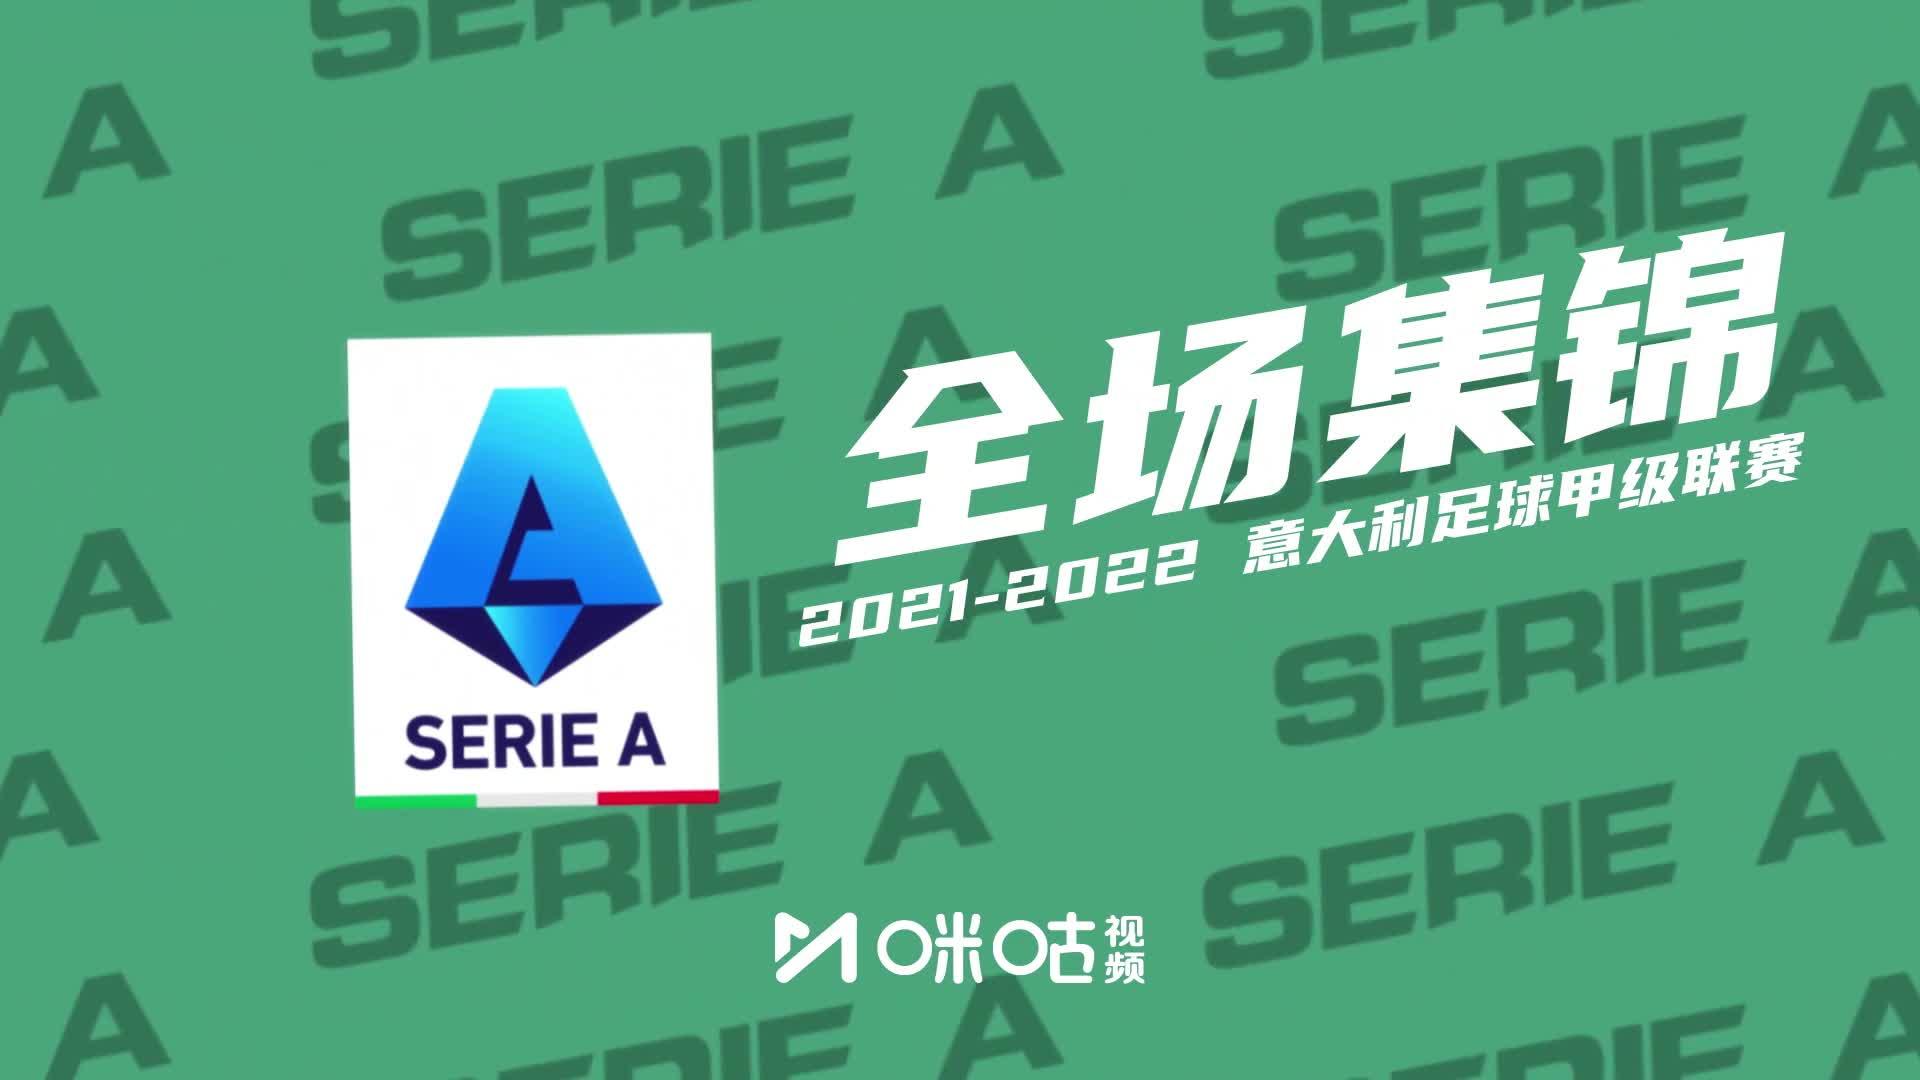 【集锦】意甲-吉鲁建功特奥复出 AC米兰主场1-0都灵暂登榜首